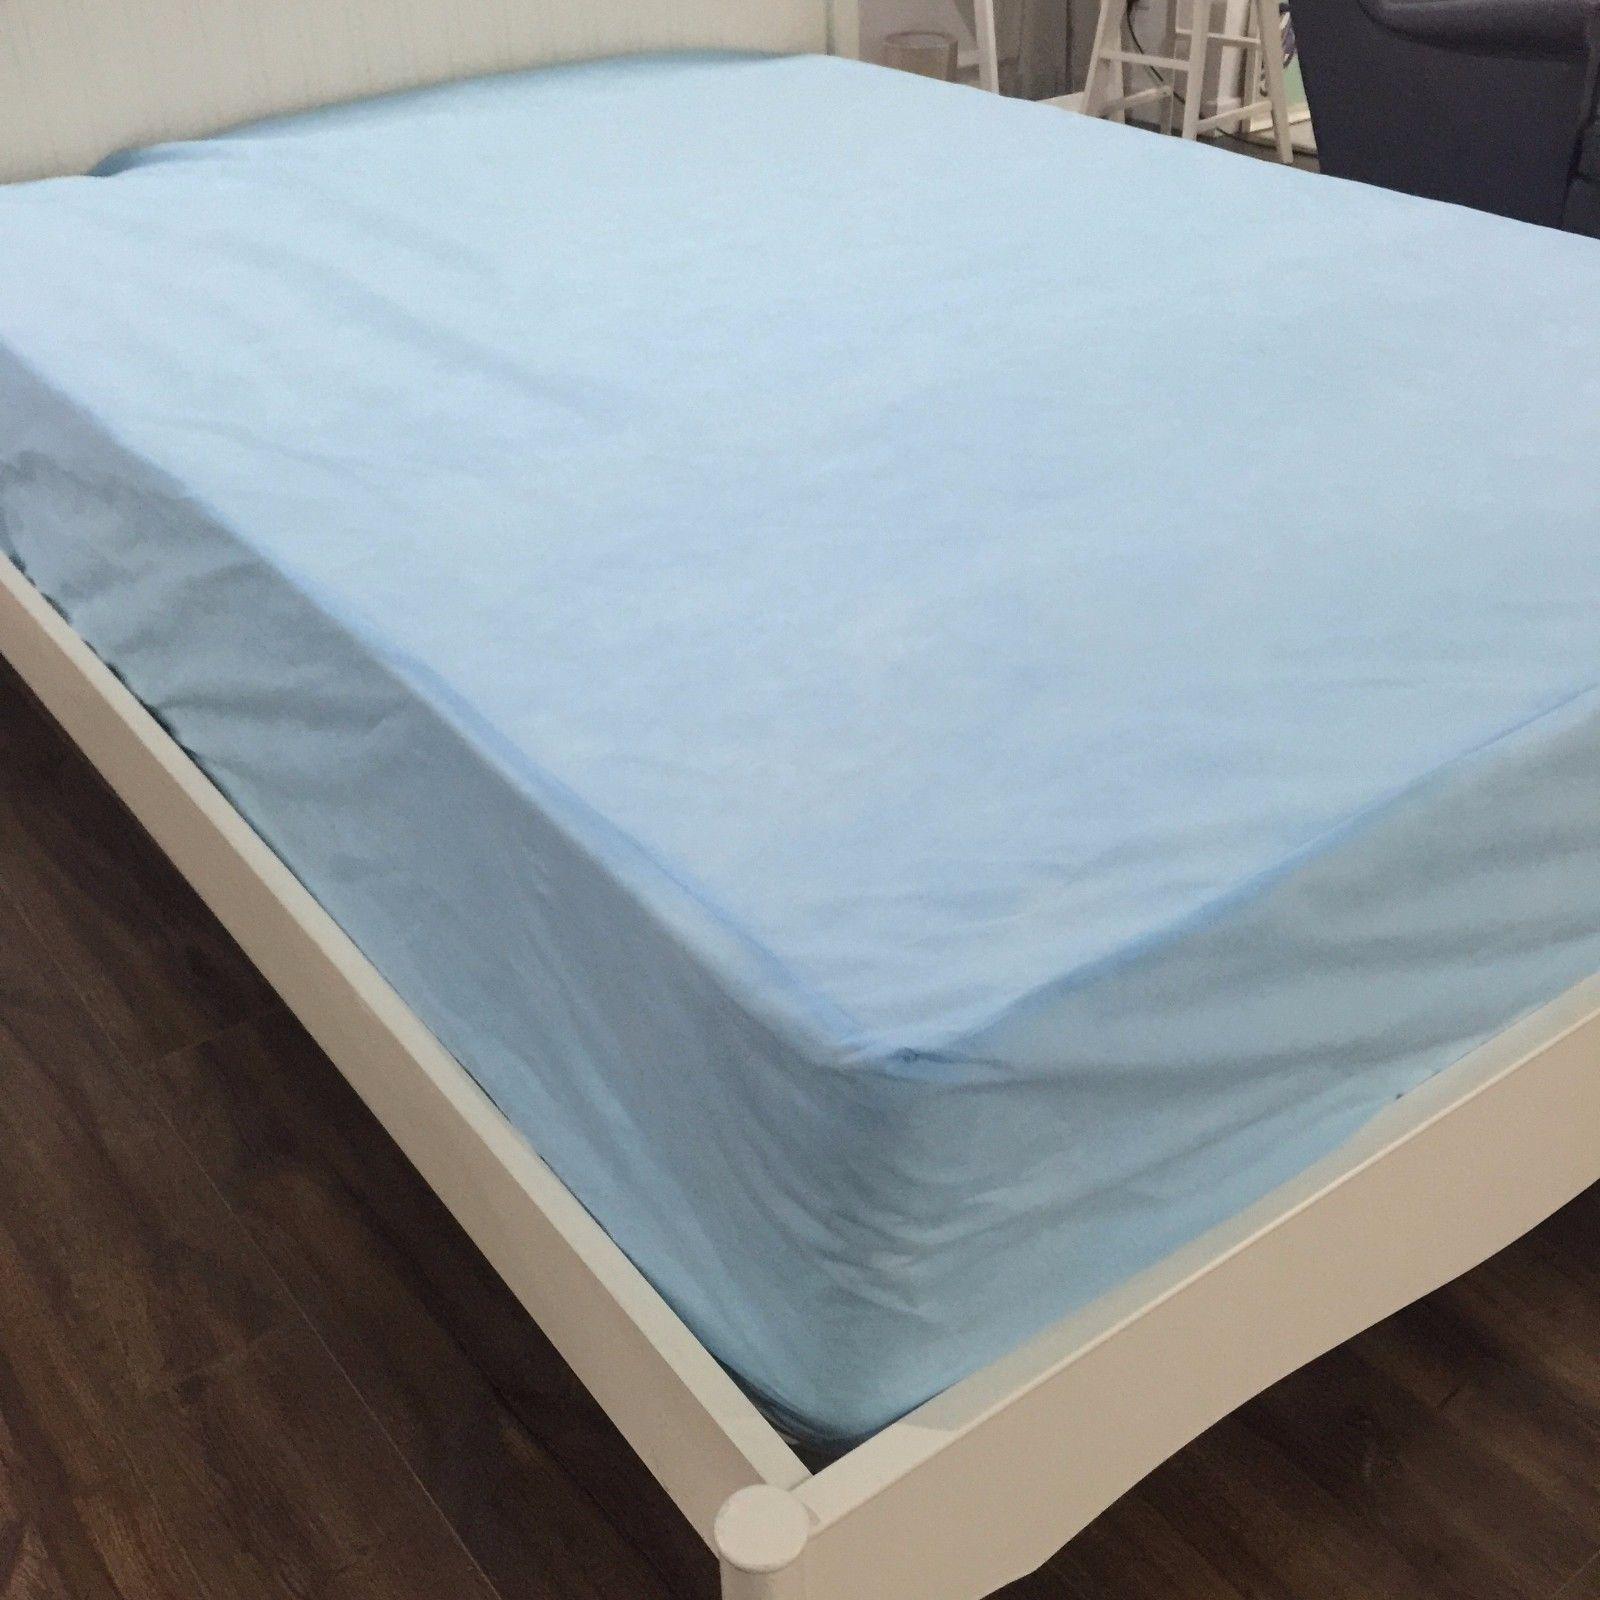 Twin Queen King Waterproof Non Woven Mattress Protector Cover Customized Size Mattress Mattress Protector Bed Mattress